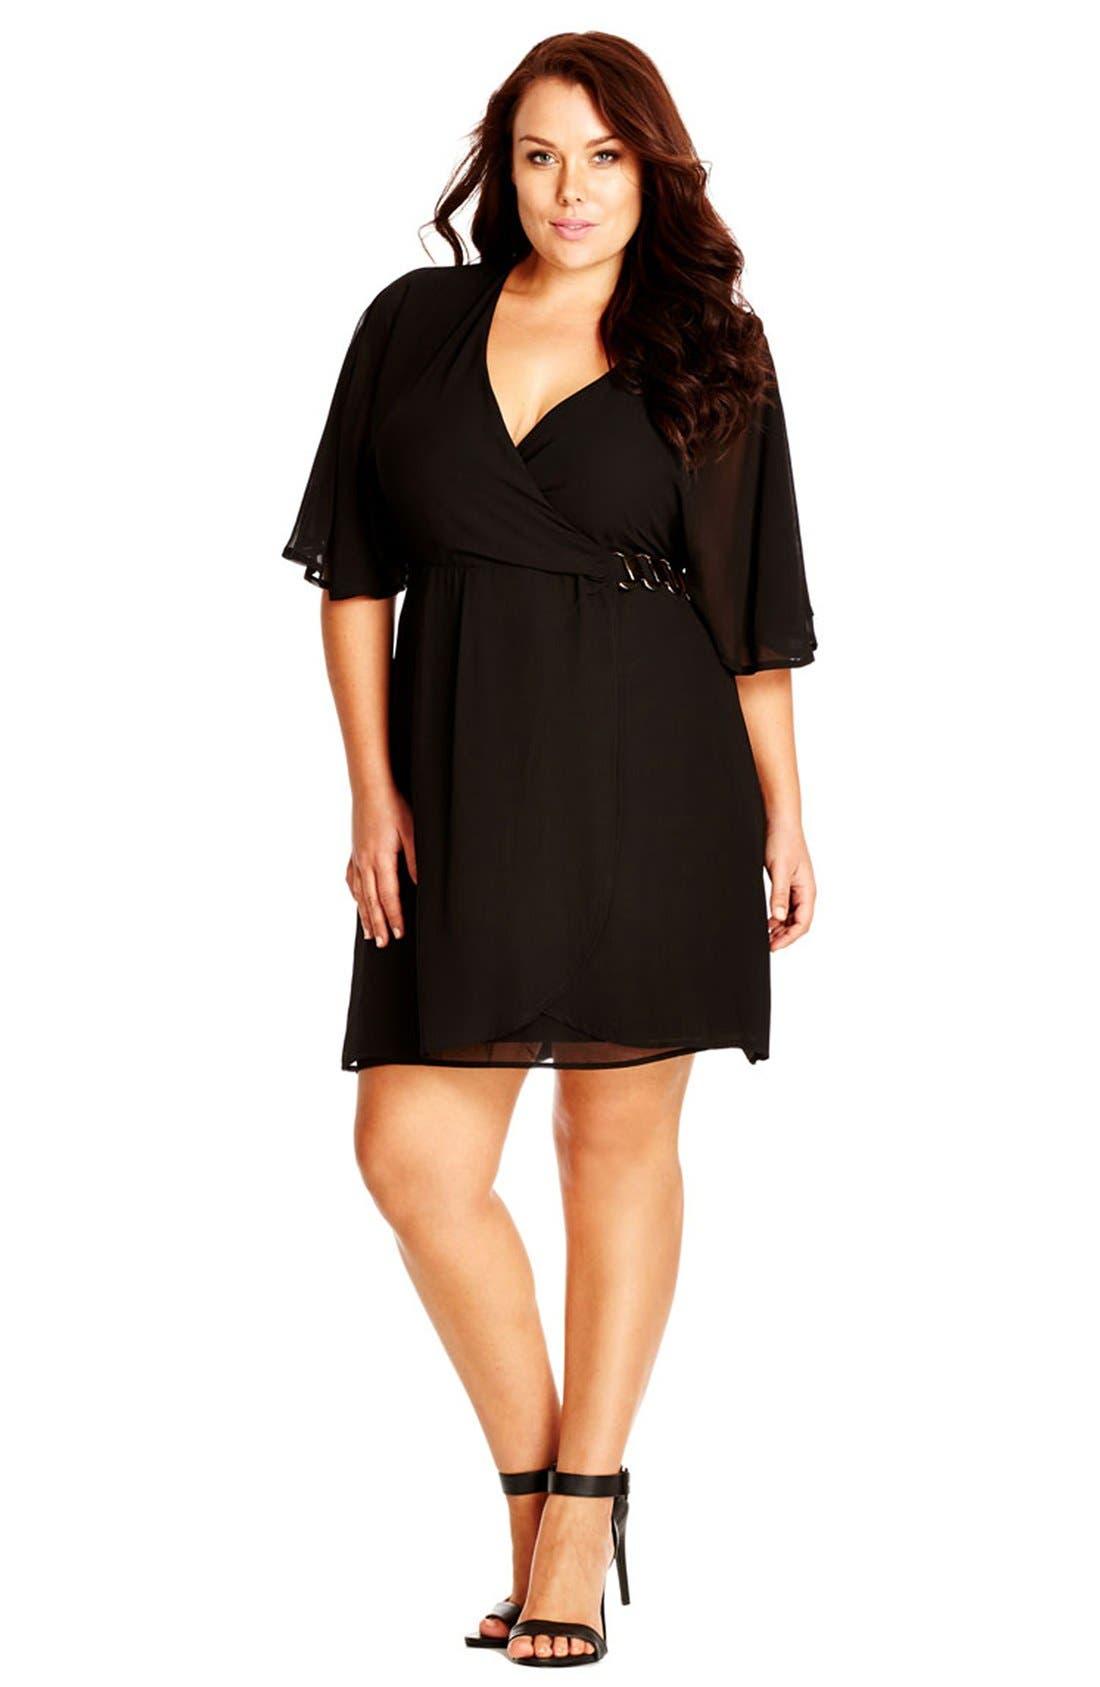 Main Image - City Chic 'Class' Chiffon Wrap Dress (Plus Size)